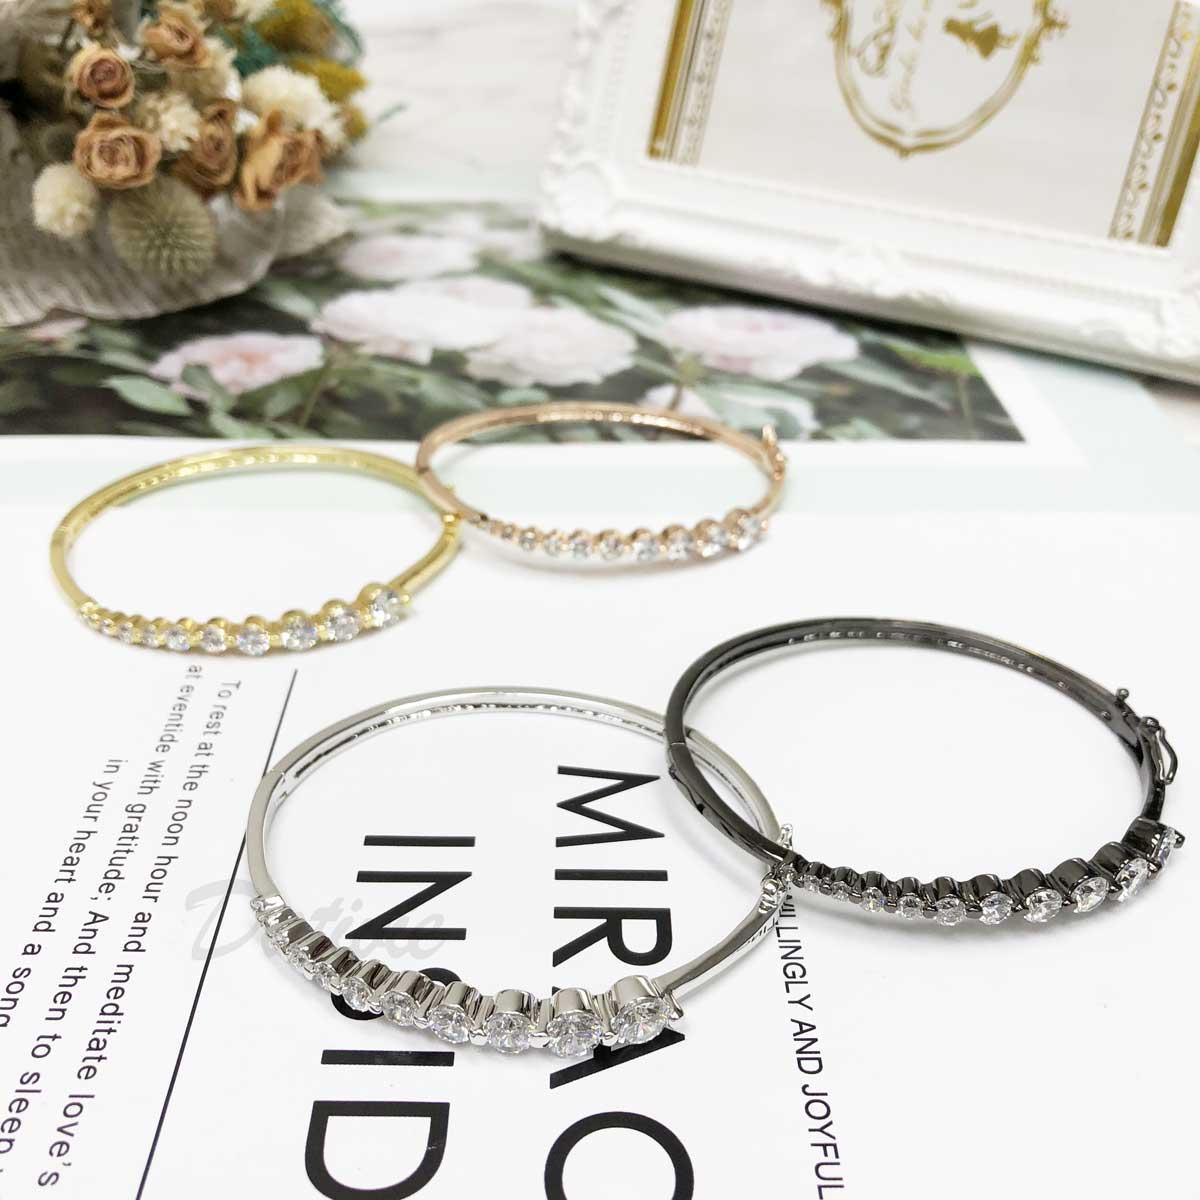 大小鑽 排列 玫瑰金 金 銀 黑精緻 細緻 氣質款 鑲鑽  手環 手飾